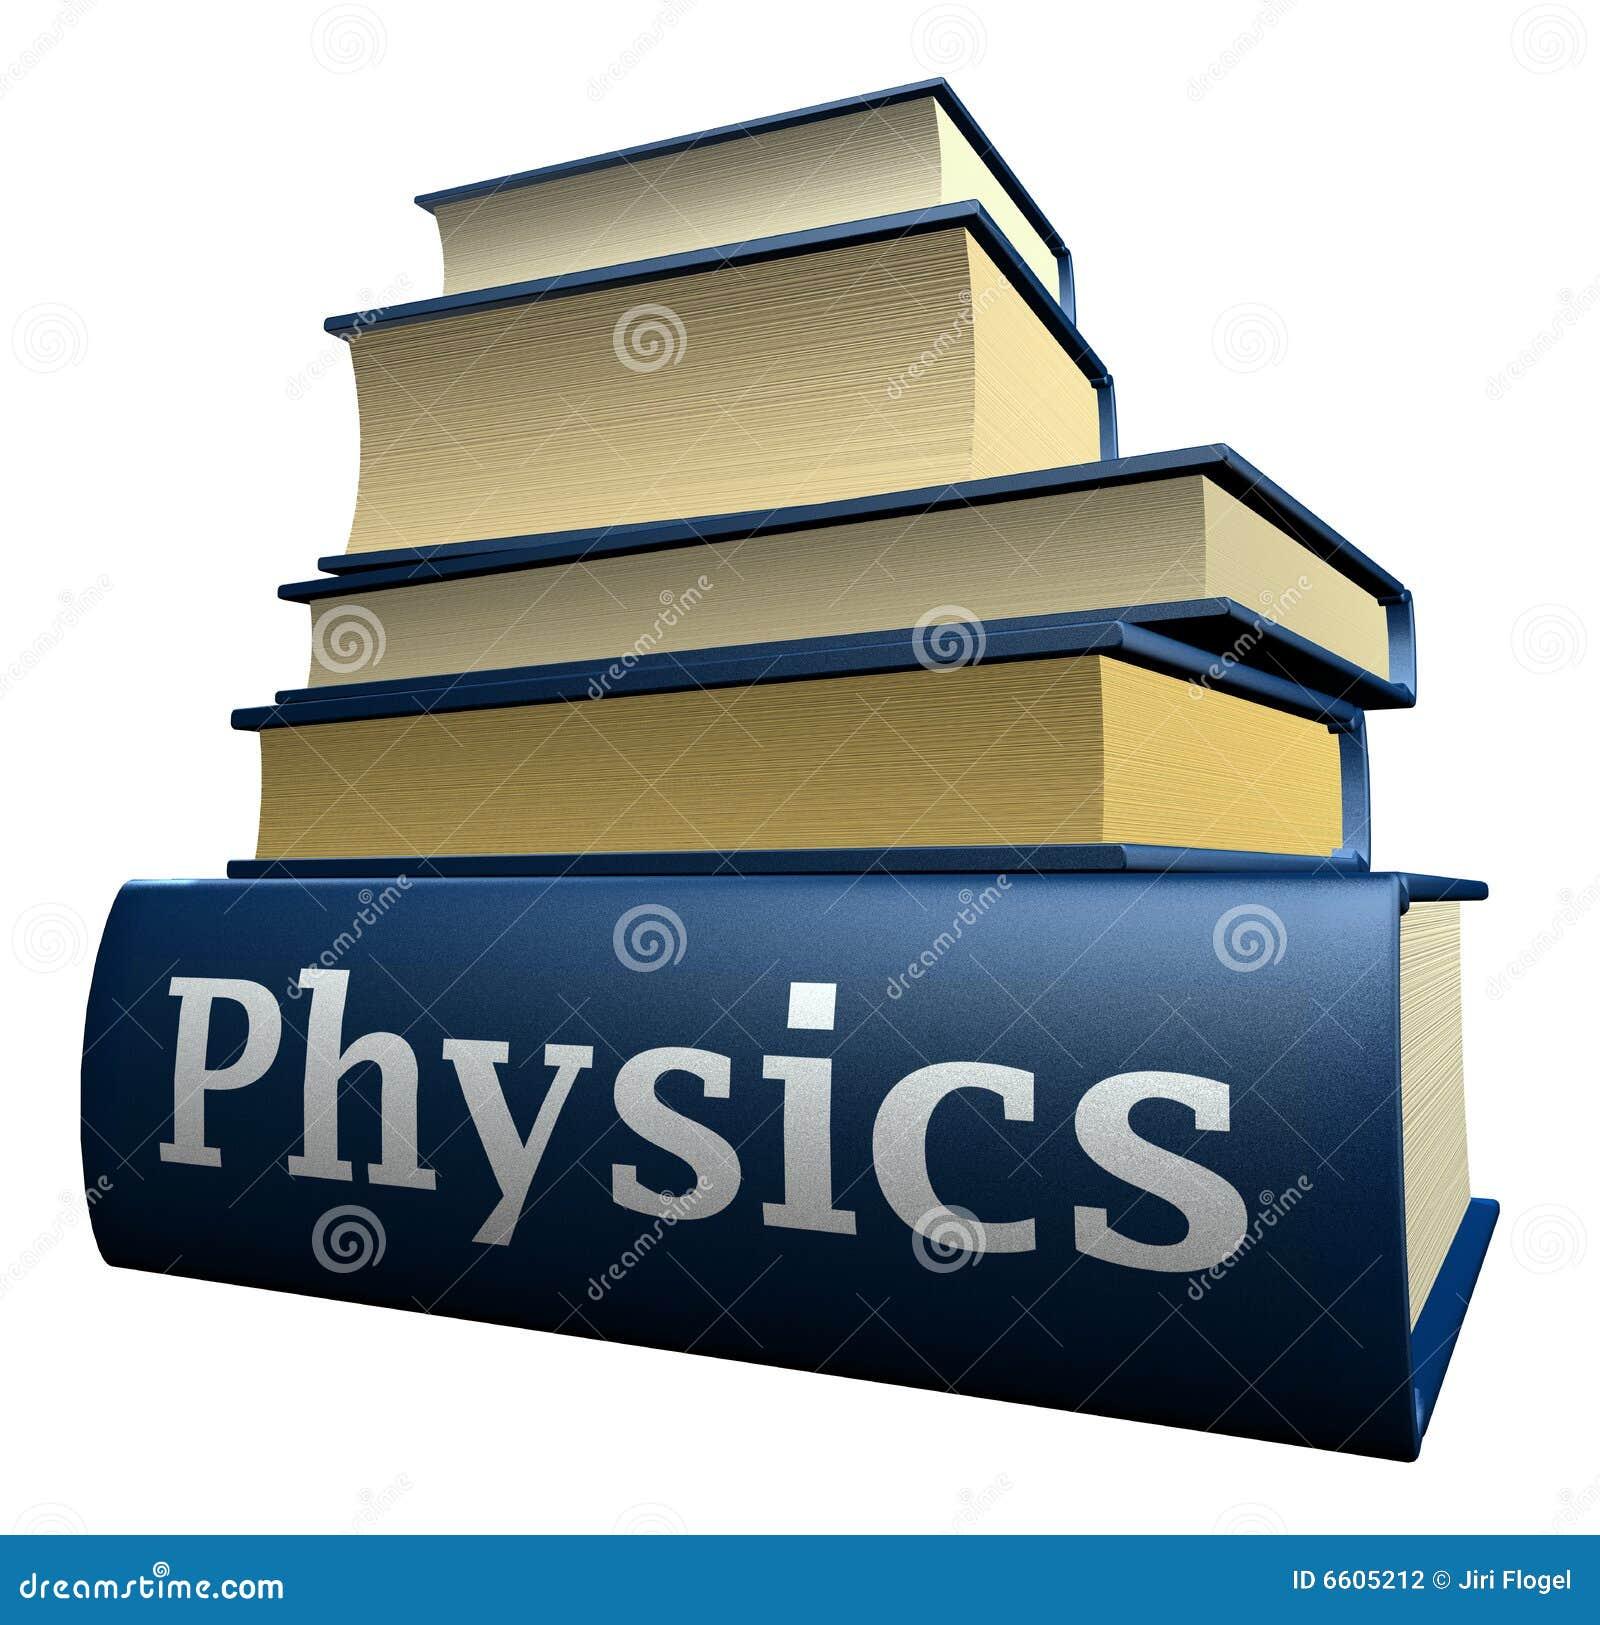 Education Books - Physics Stock Photography - Image: 6605212